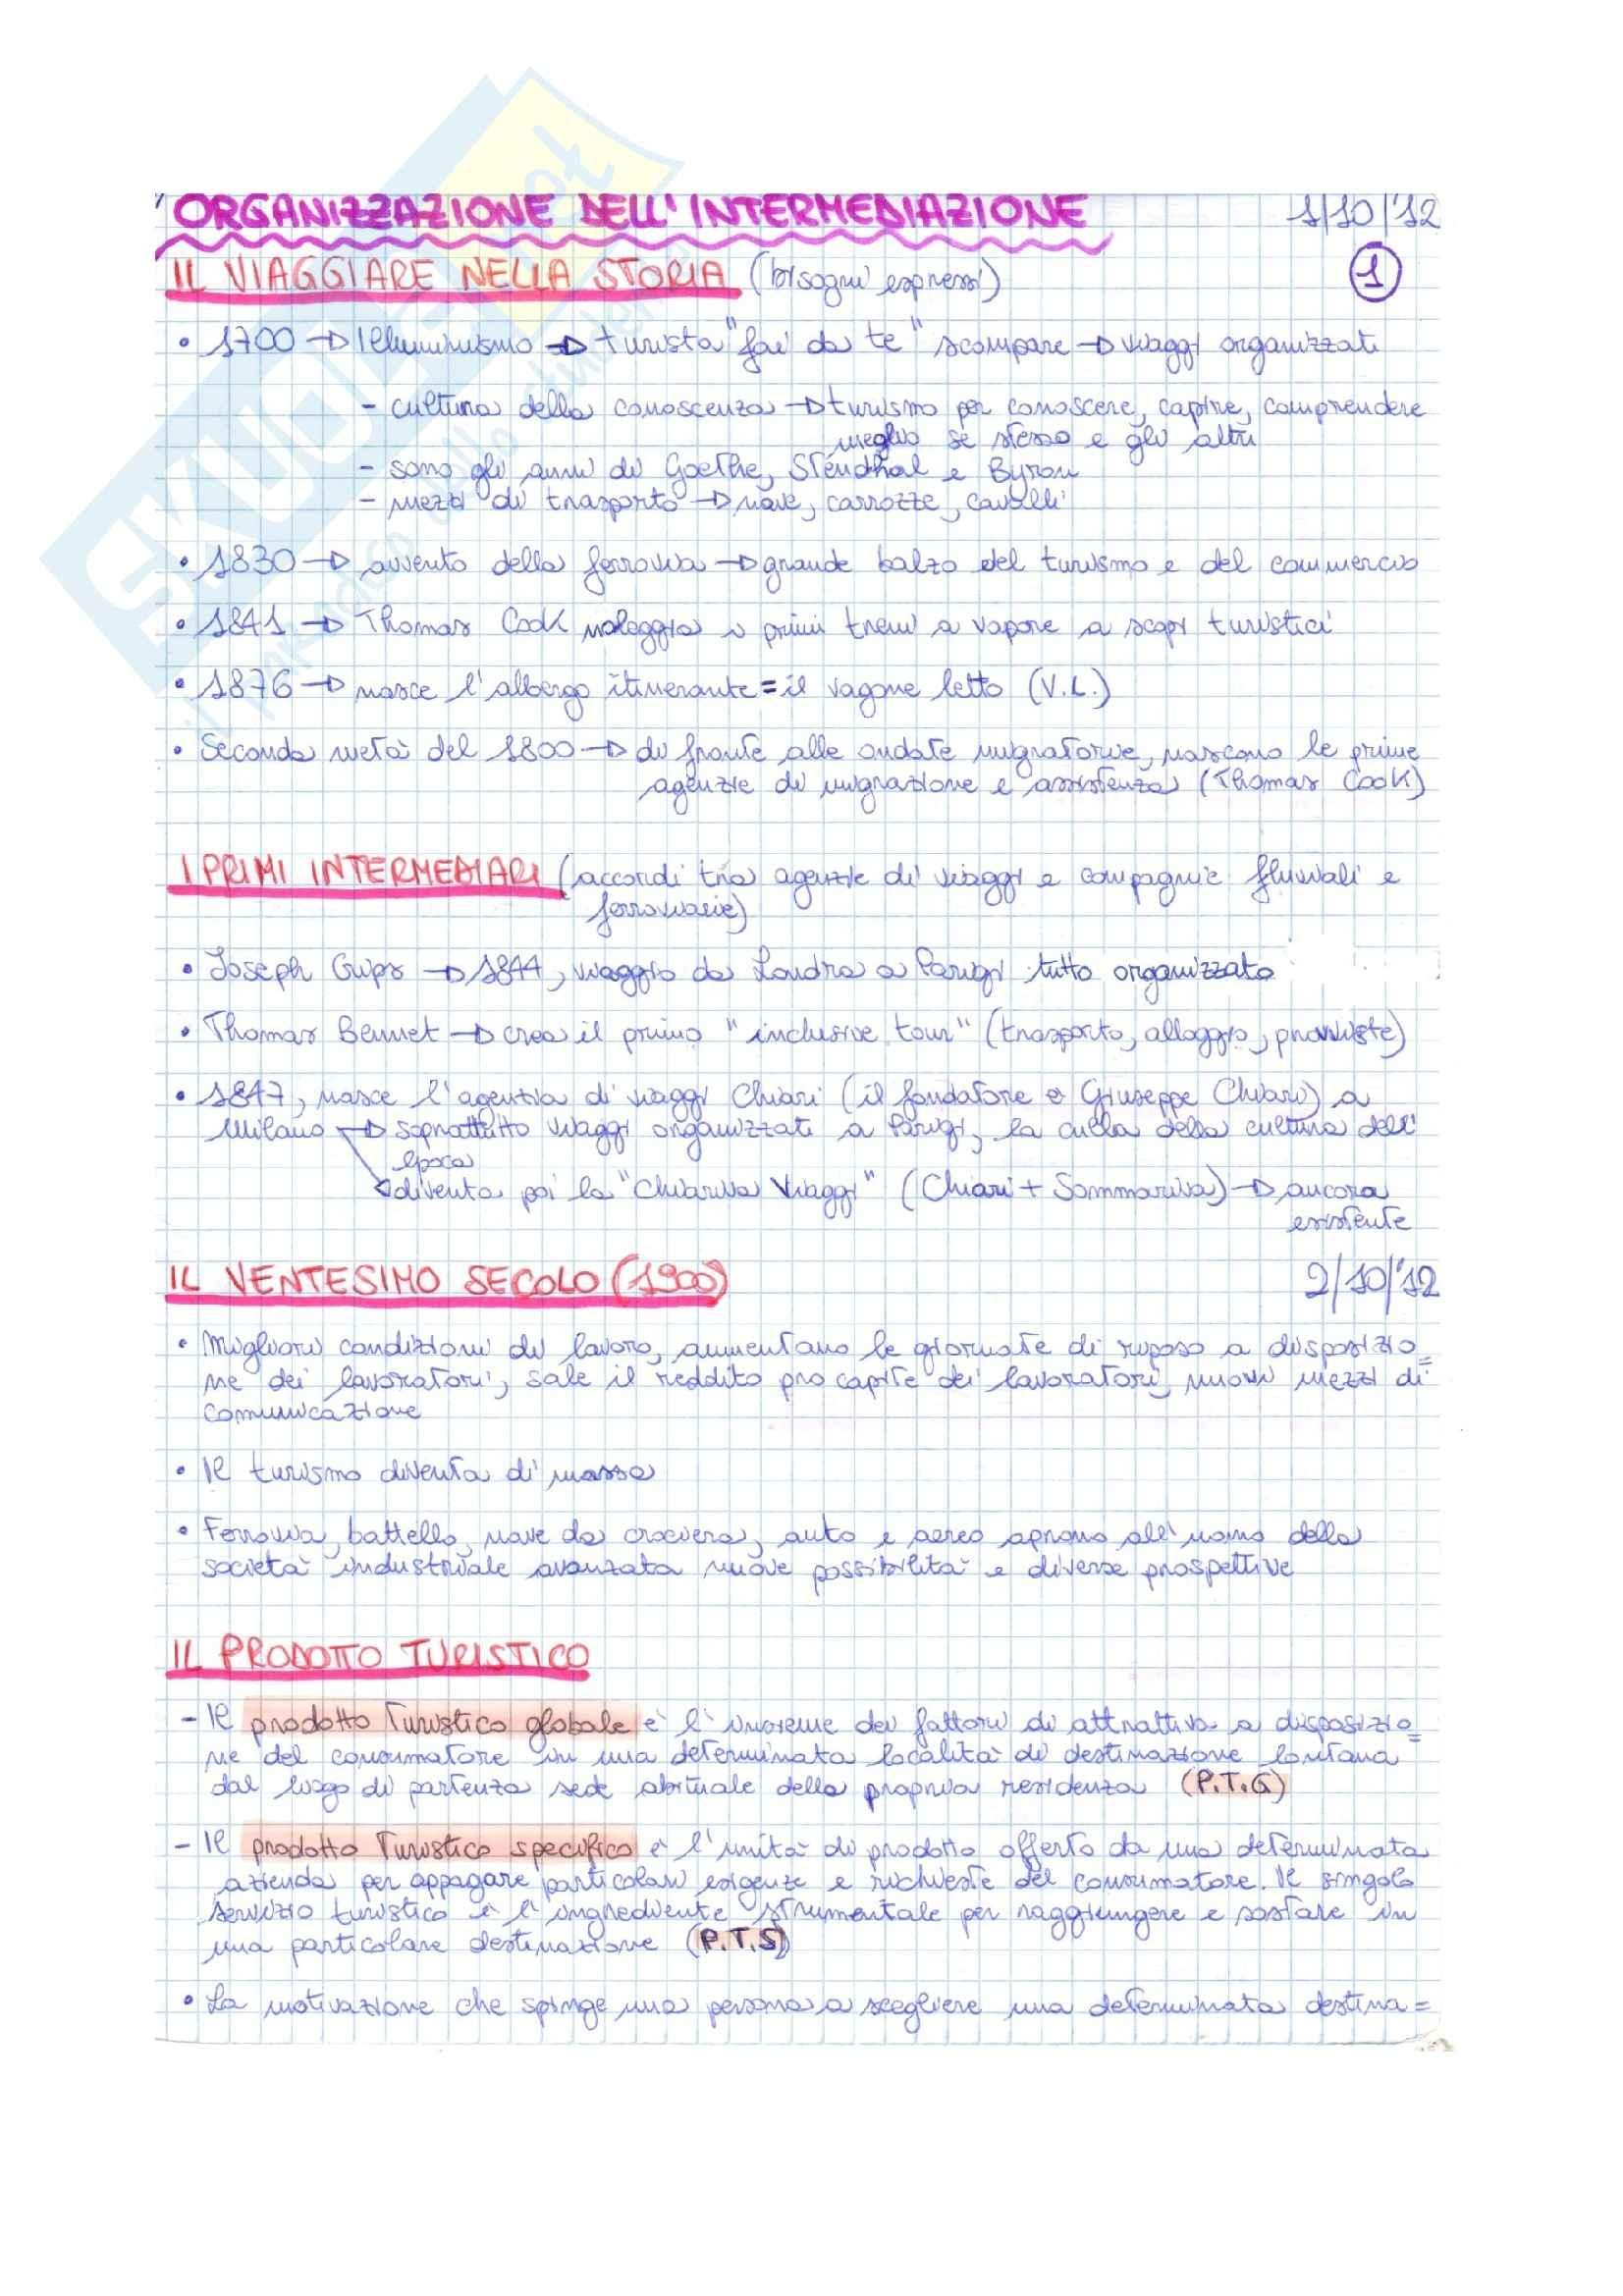 L'intermediazione turistica della filiera del turismo organizzato, Biella, Beccheri - Appunti